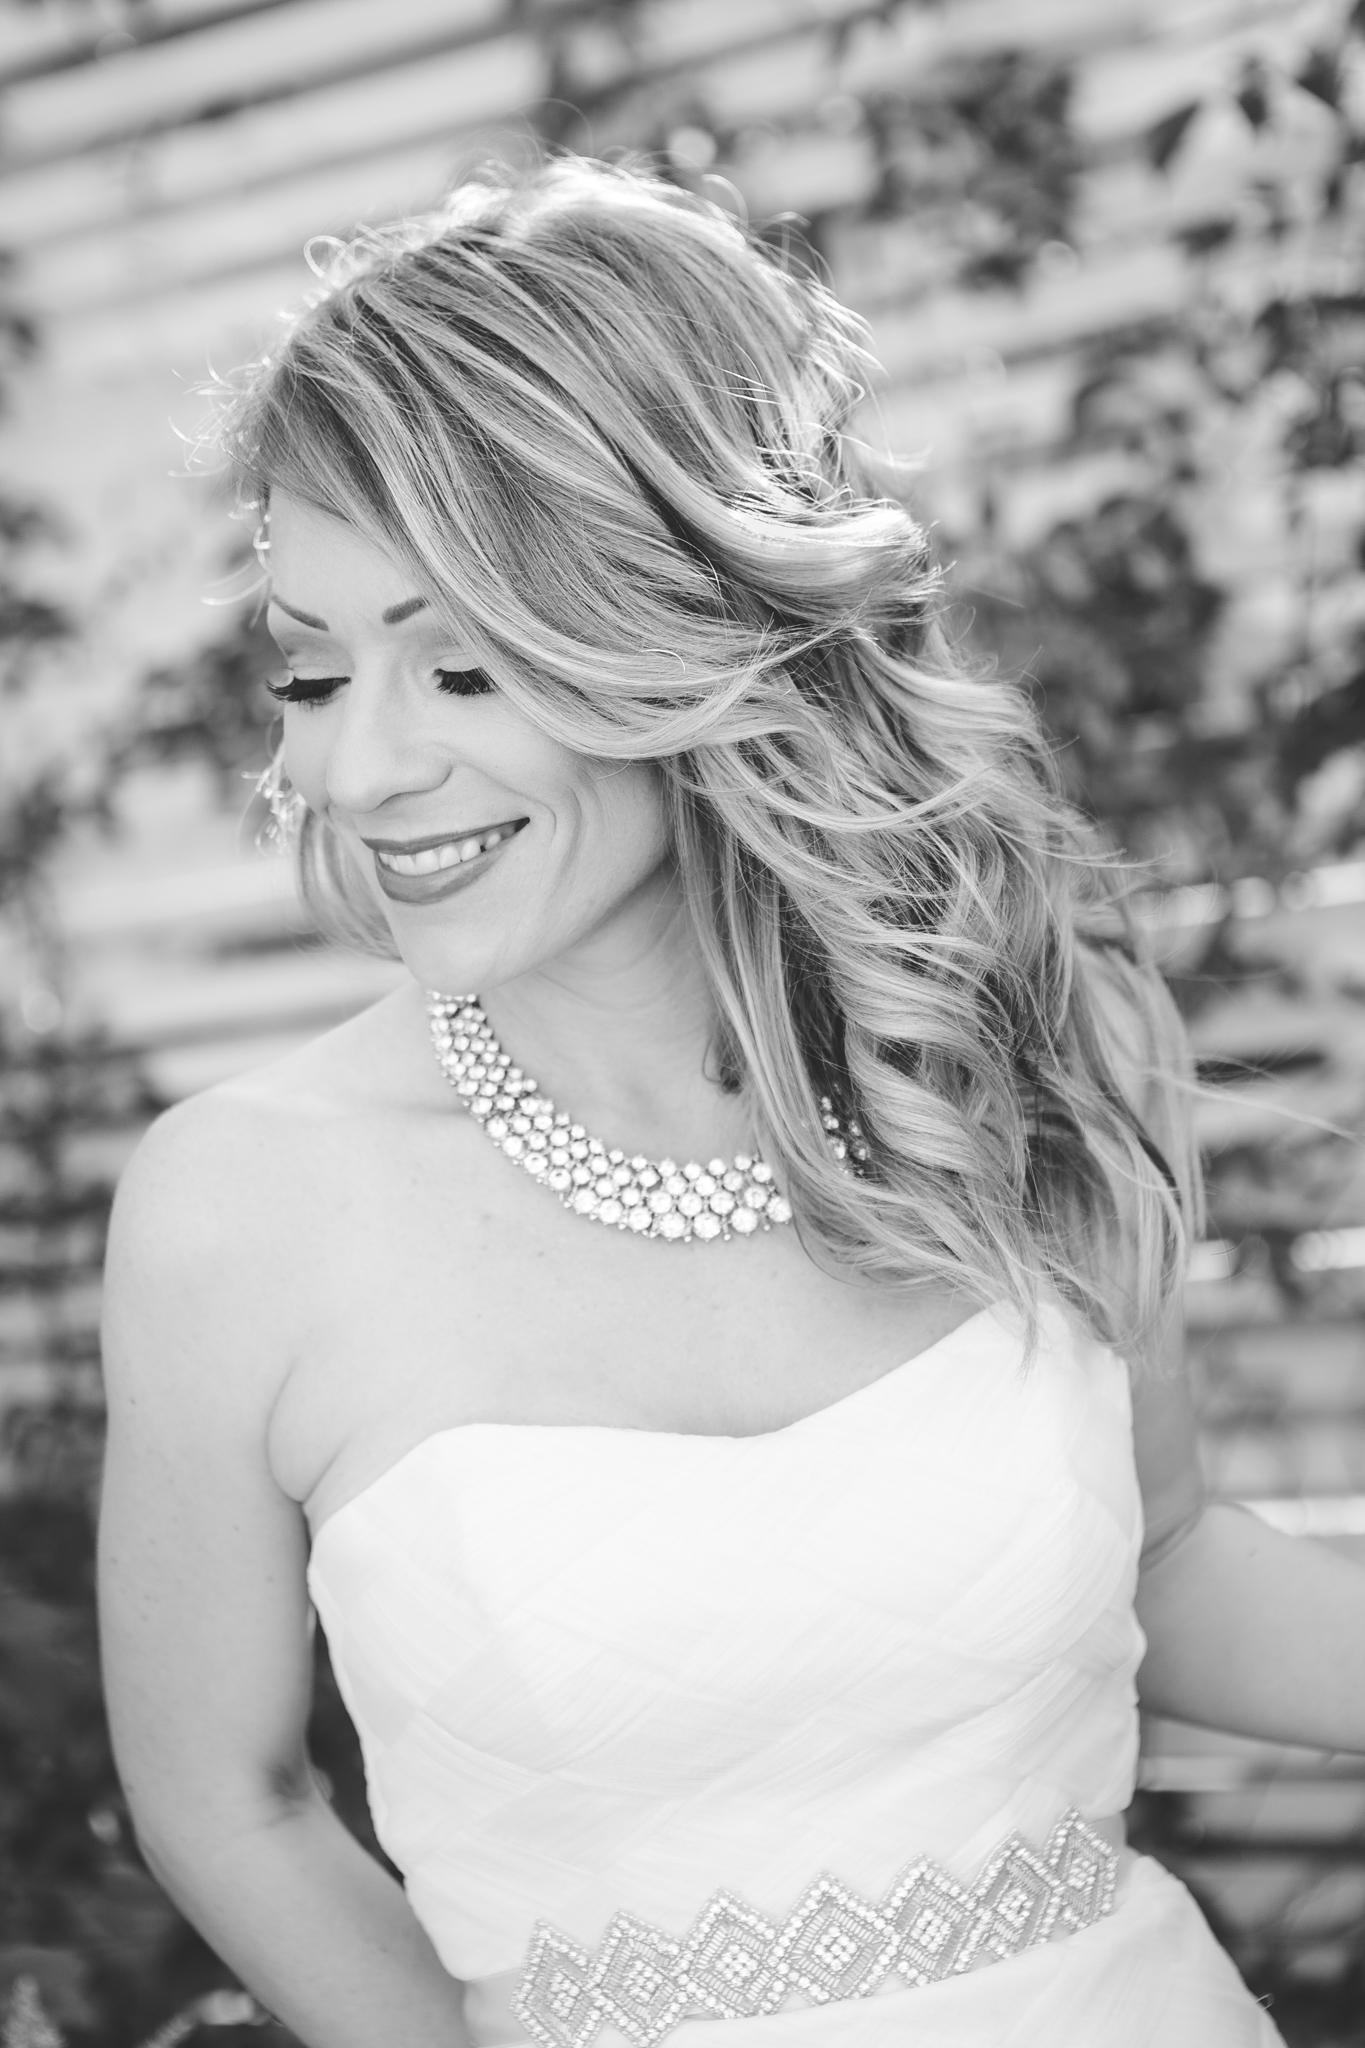 scottsdale-wedding-photographer-black-and-white-bridal